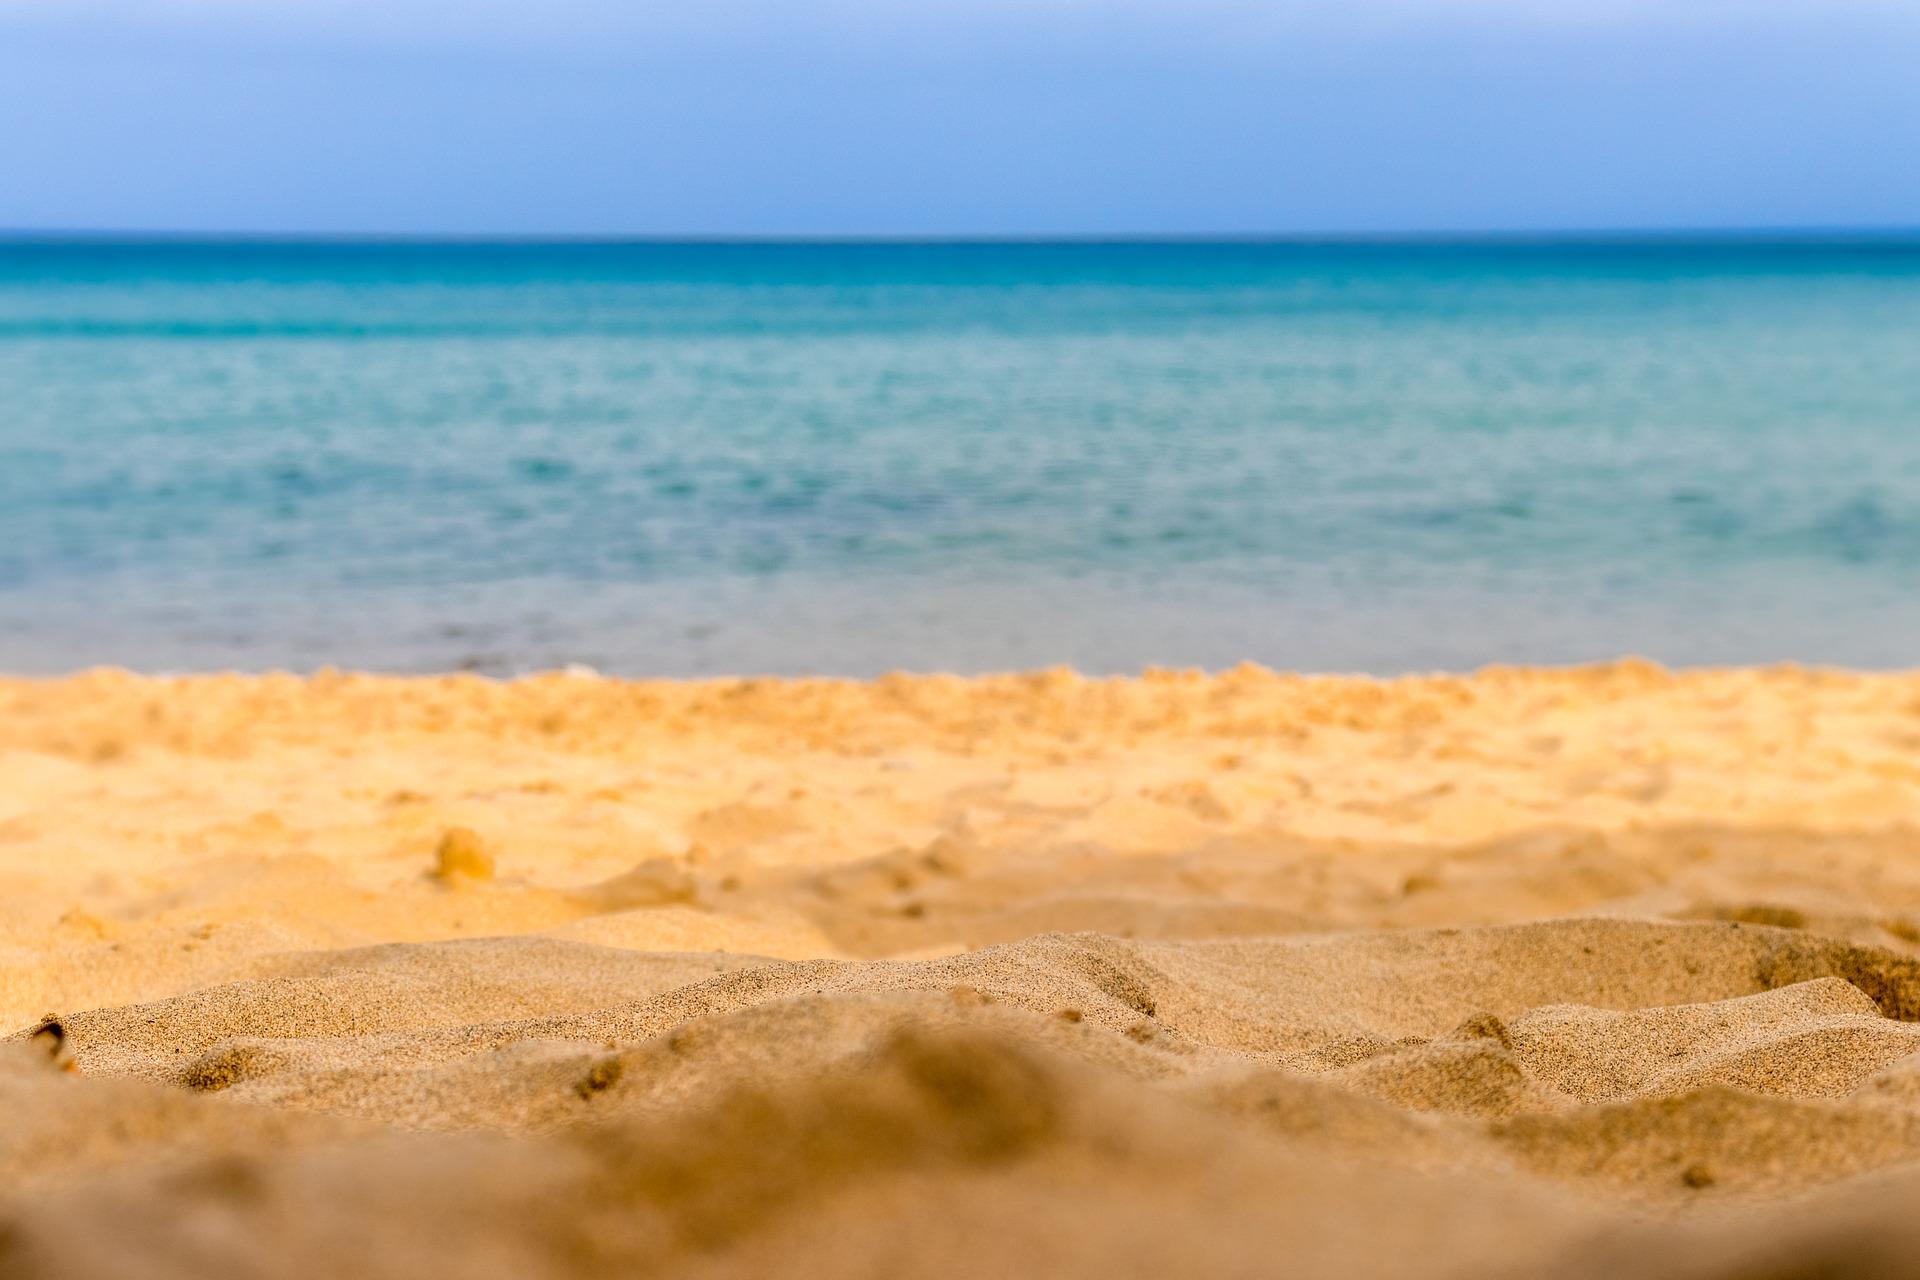 Santo der Strandabschnitt